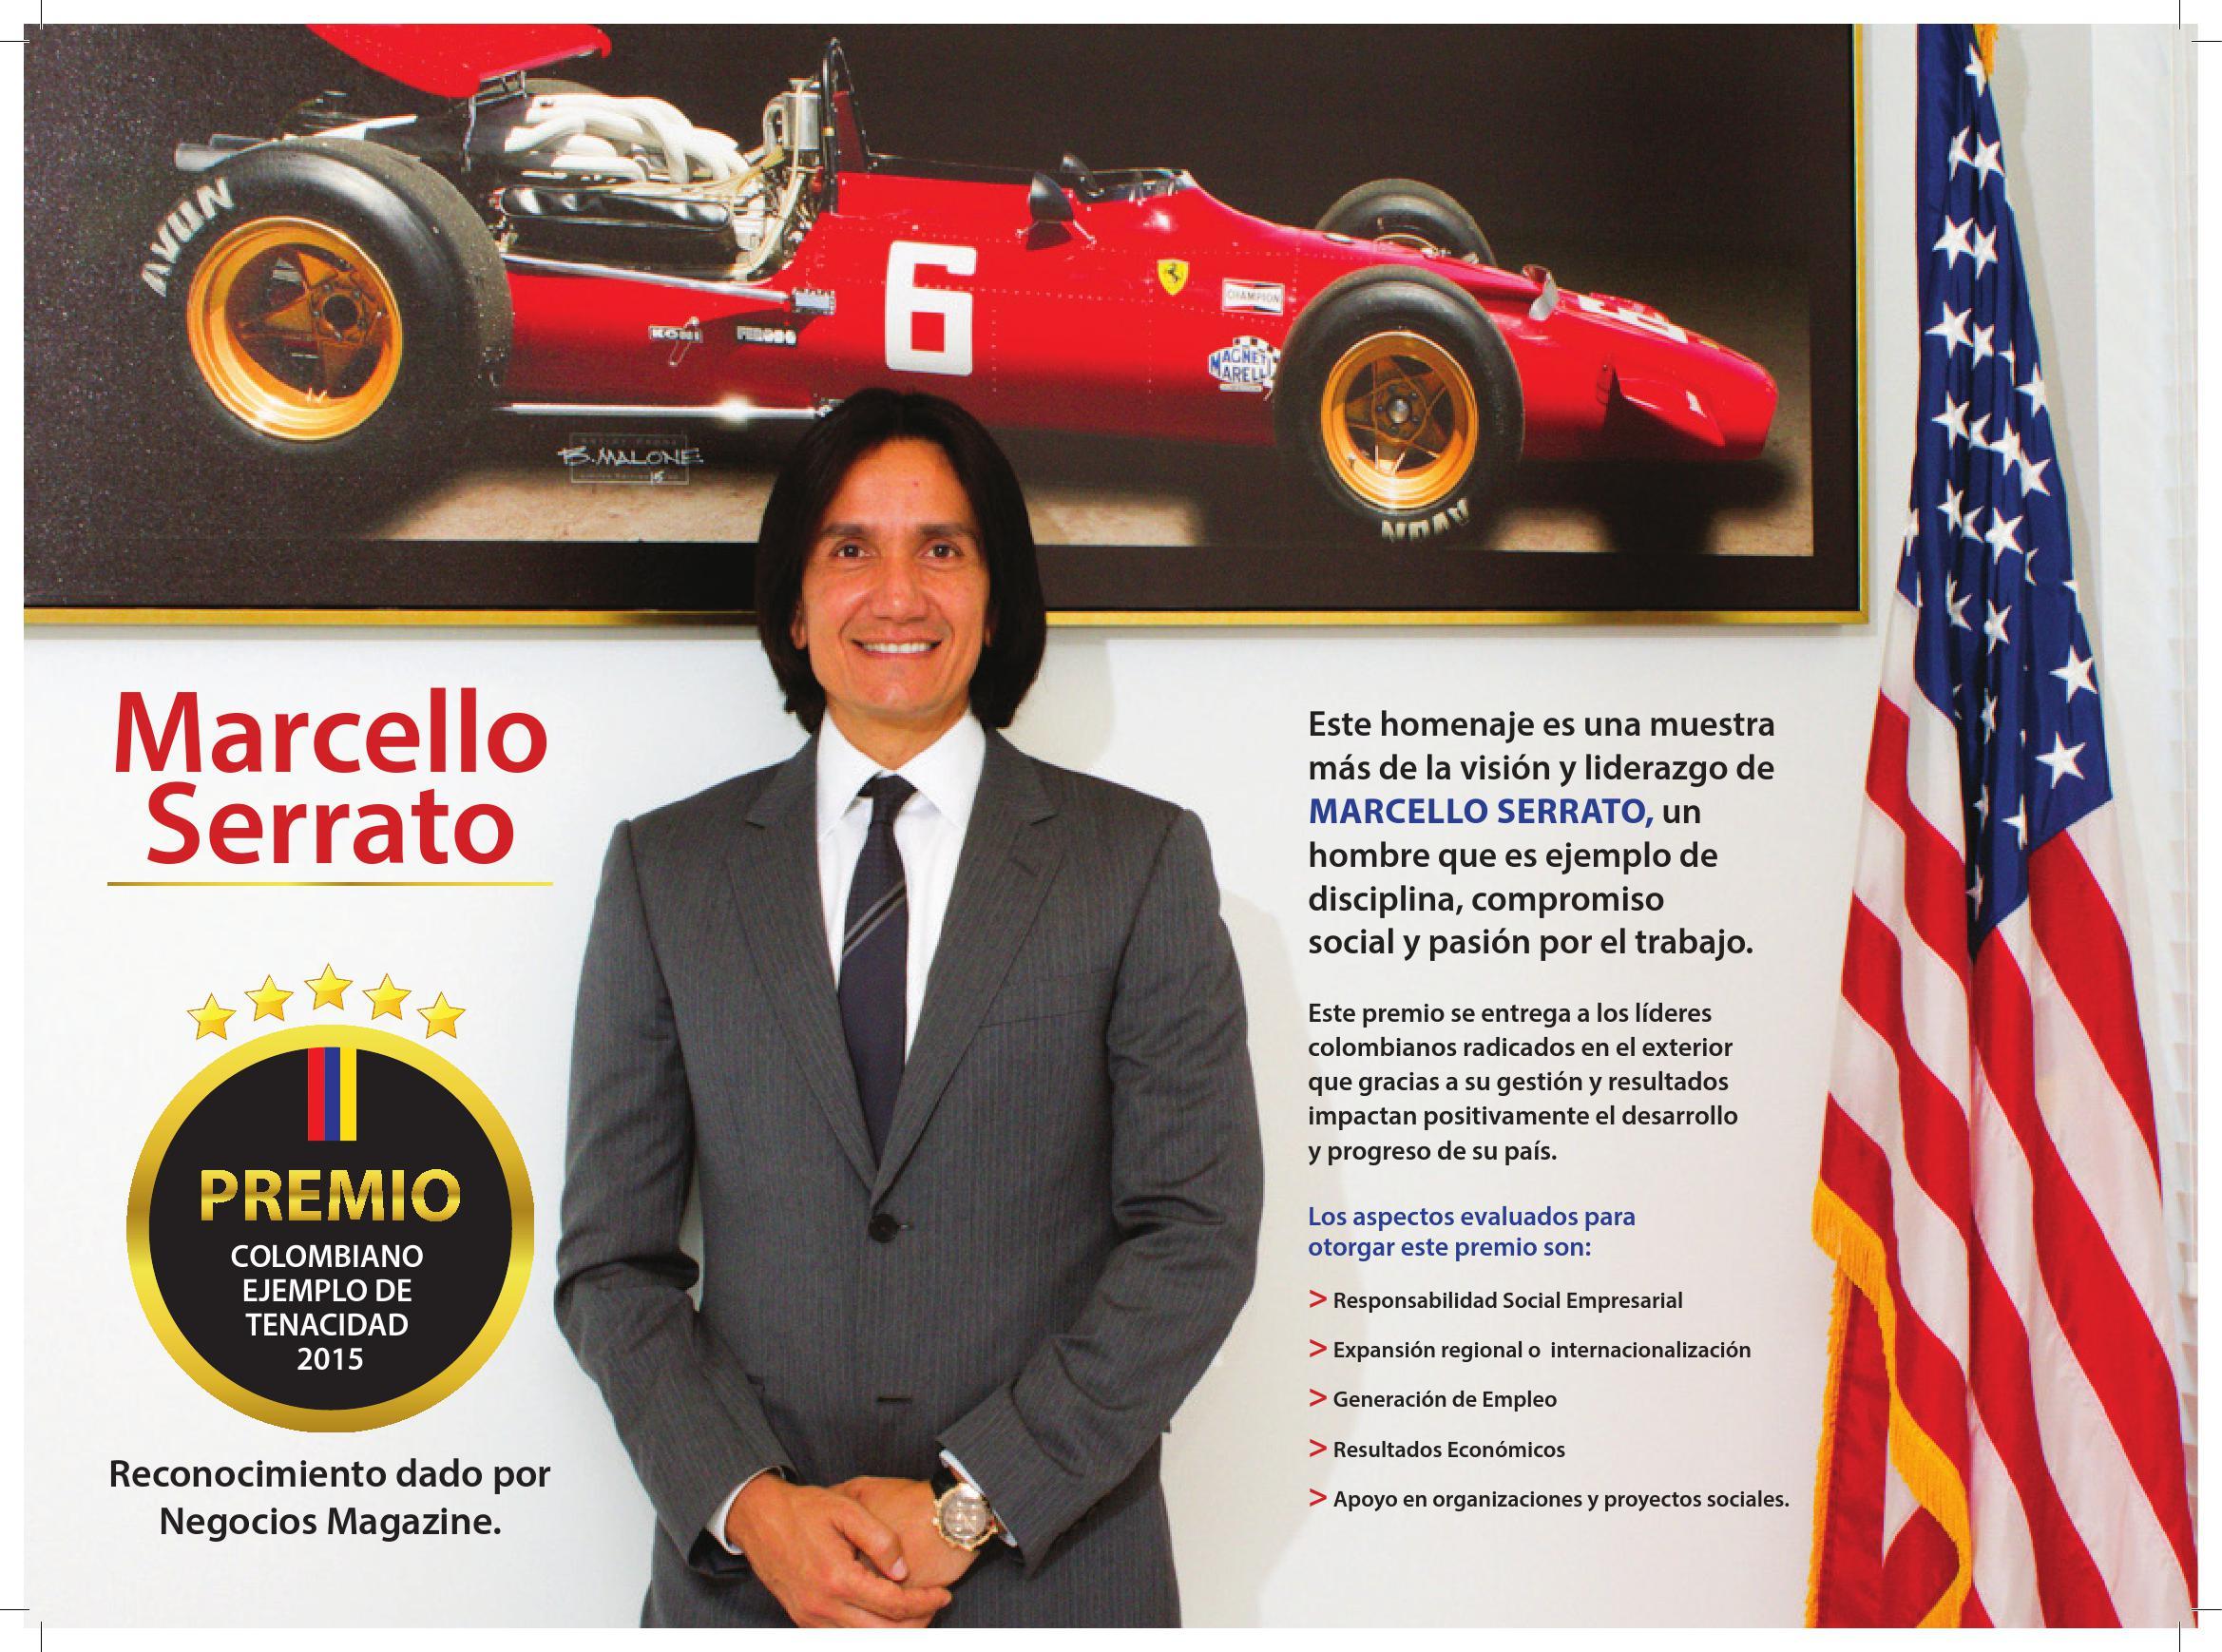 Marcello Serrato: Premio colombiano ejemplo de tenacidad 2015